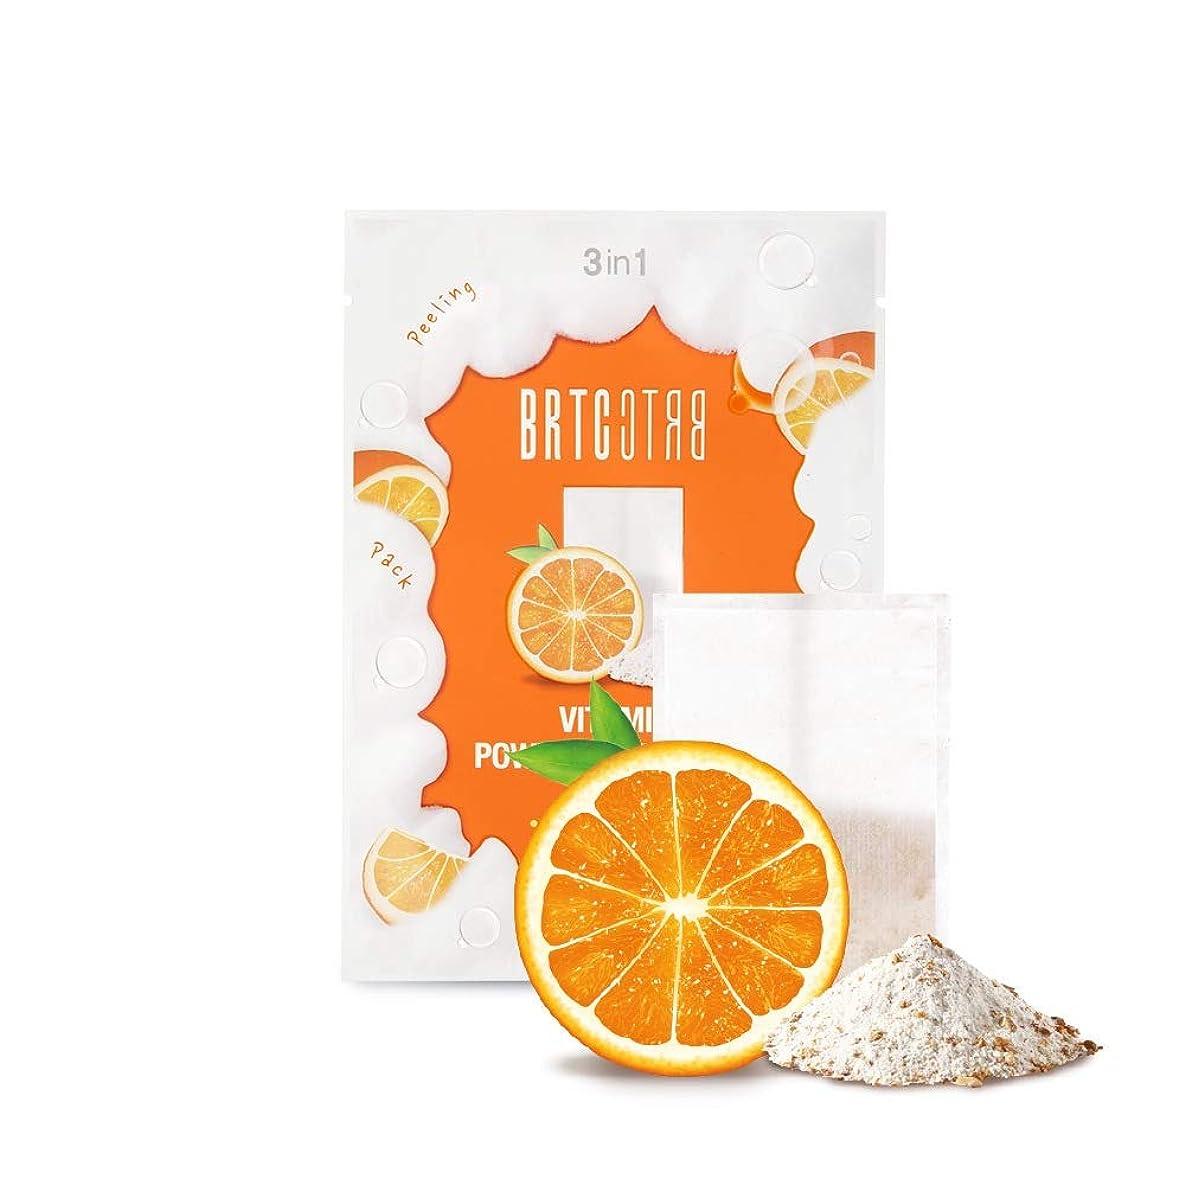 主人不完全なピクニックBRTC V10ビタミンパウダークレンジングティーバッグ V10 Vitamin Powder Cleansing Tea Bag [MANDARIN&ORANGE] 1.5g * 15ea [並行輸入品]